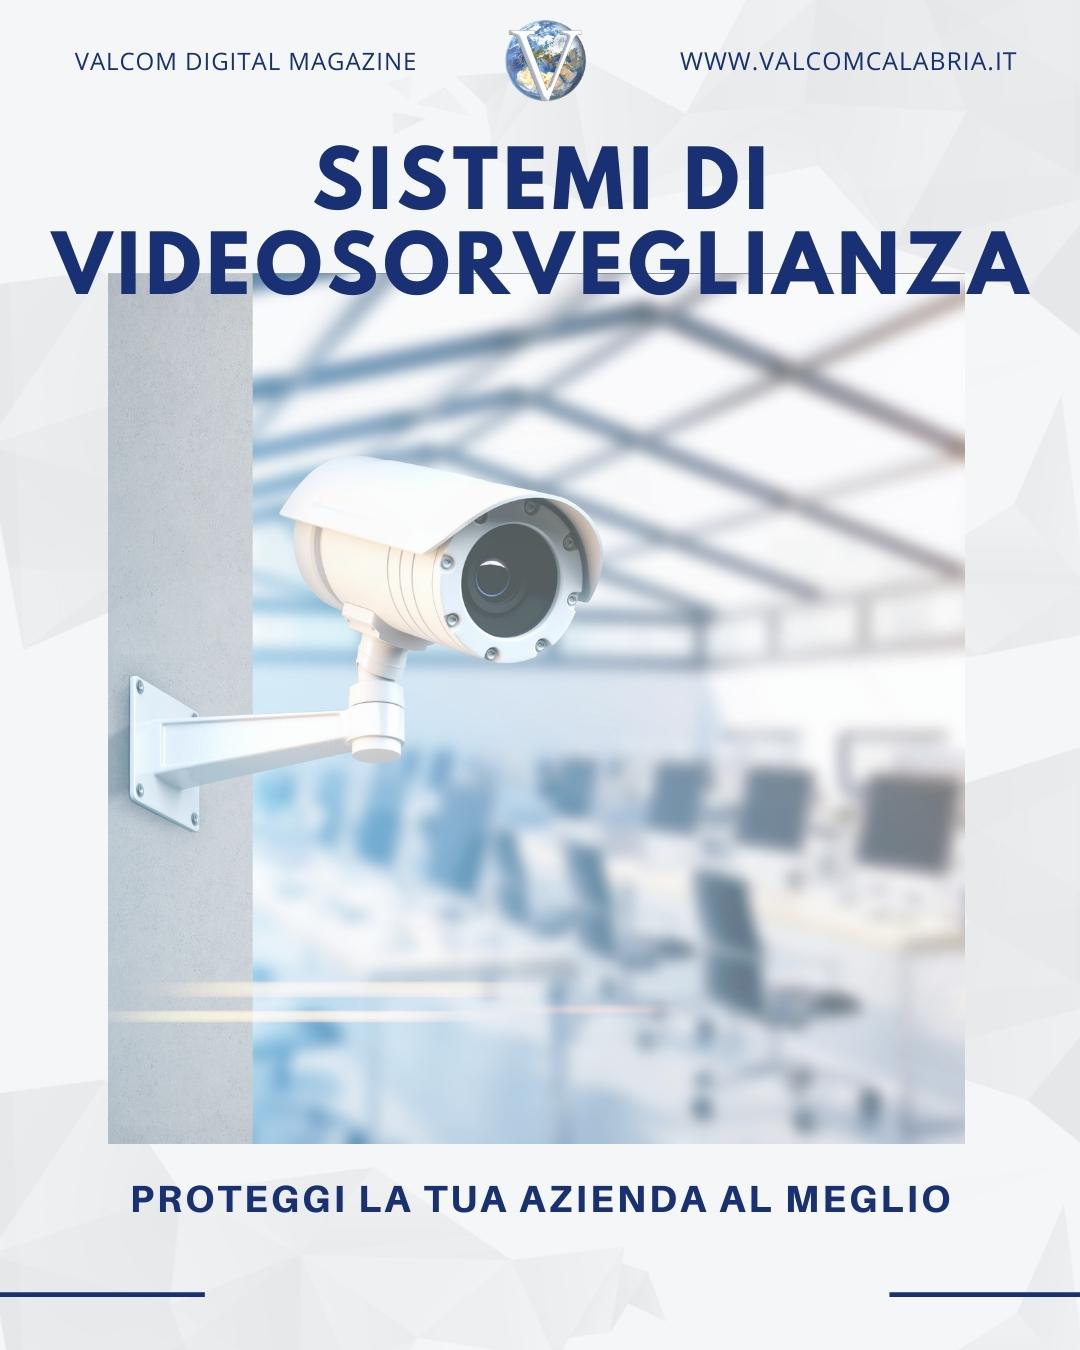 Sistemi di Videosorveglianza per Aziende - Valcom Calabria